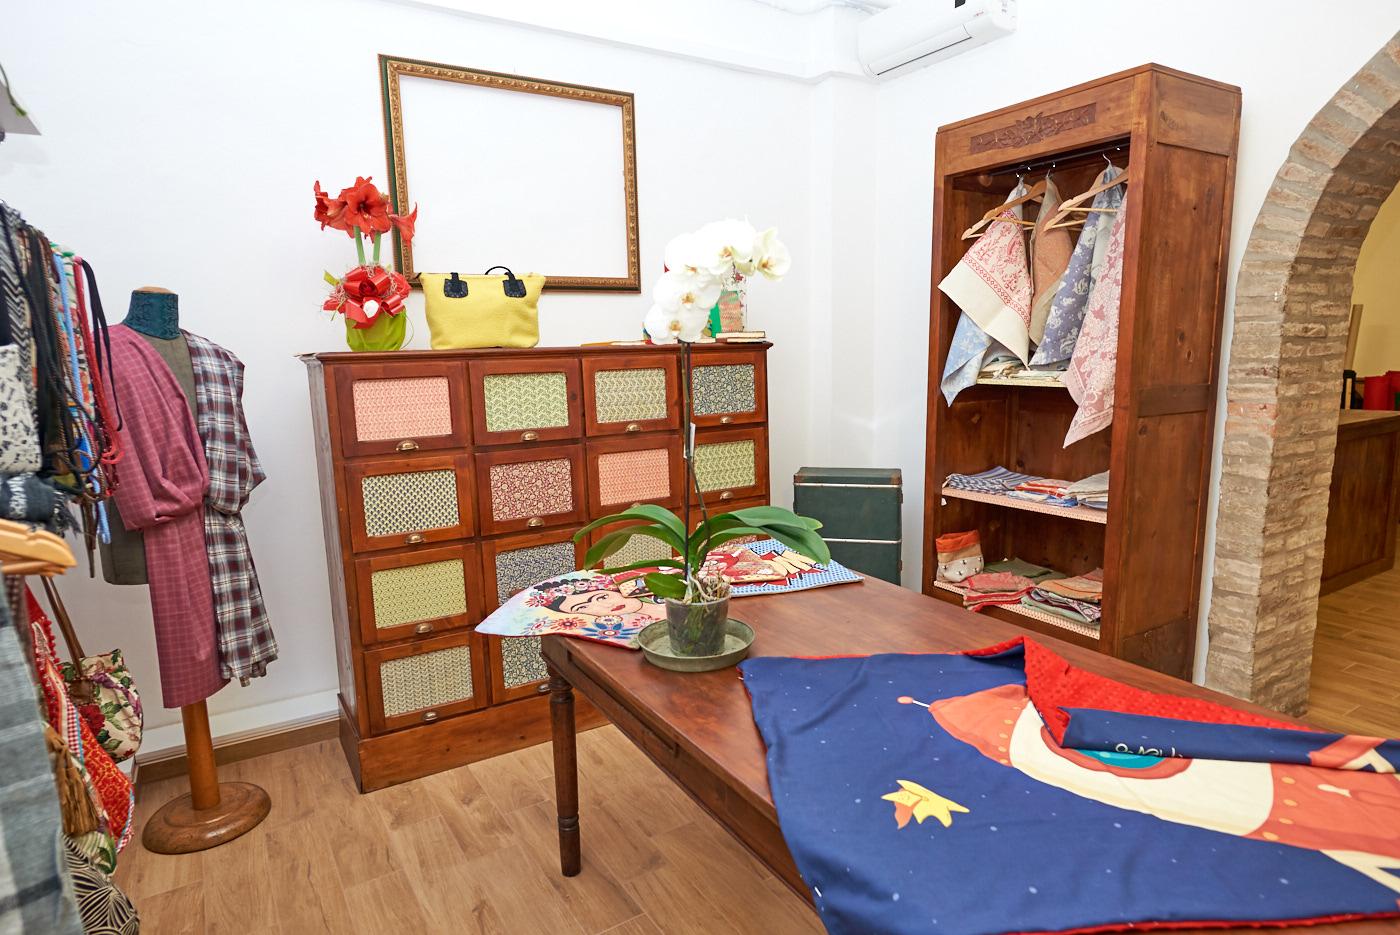 ARTES negozio5549.jpg